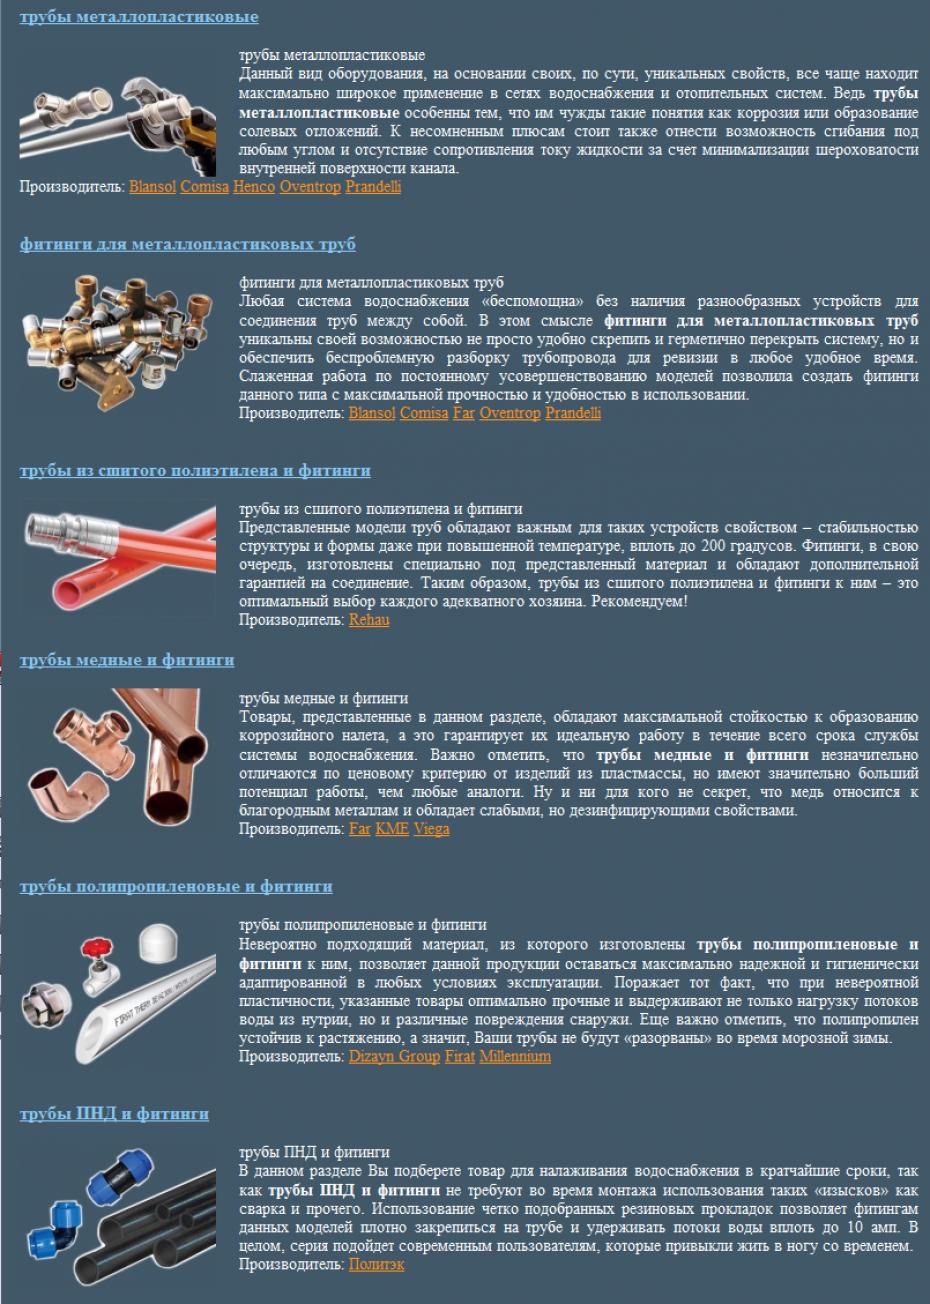 Описание товара на заказ: трубы